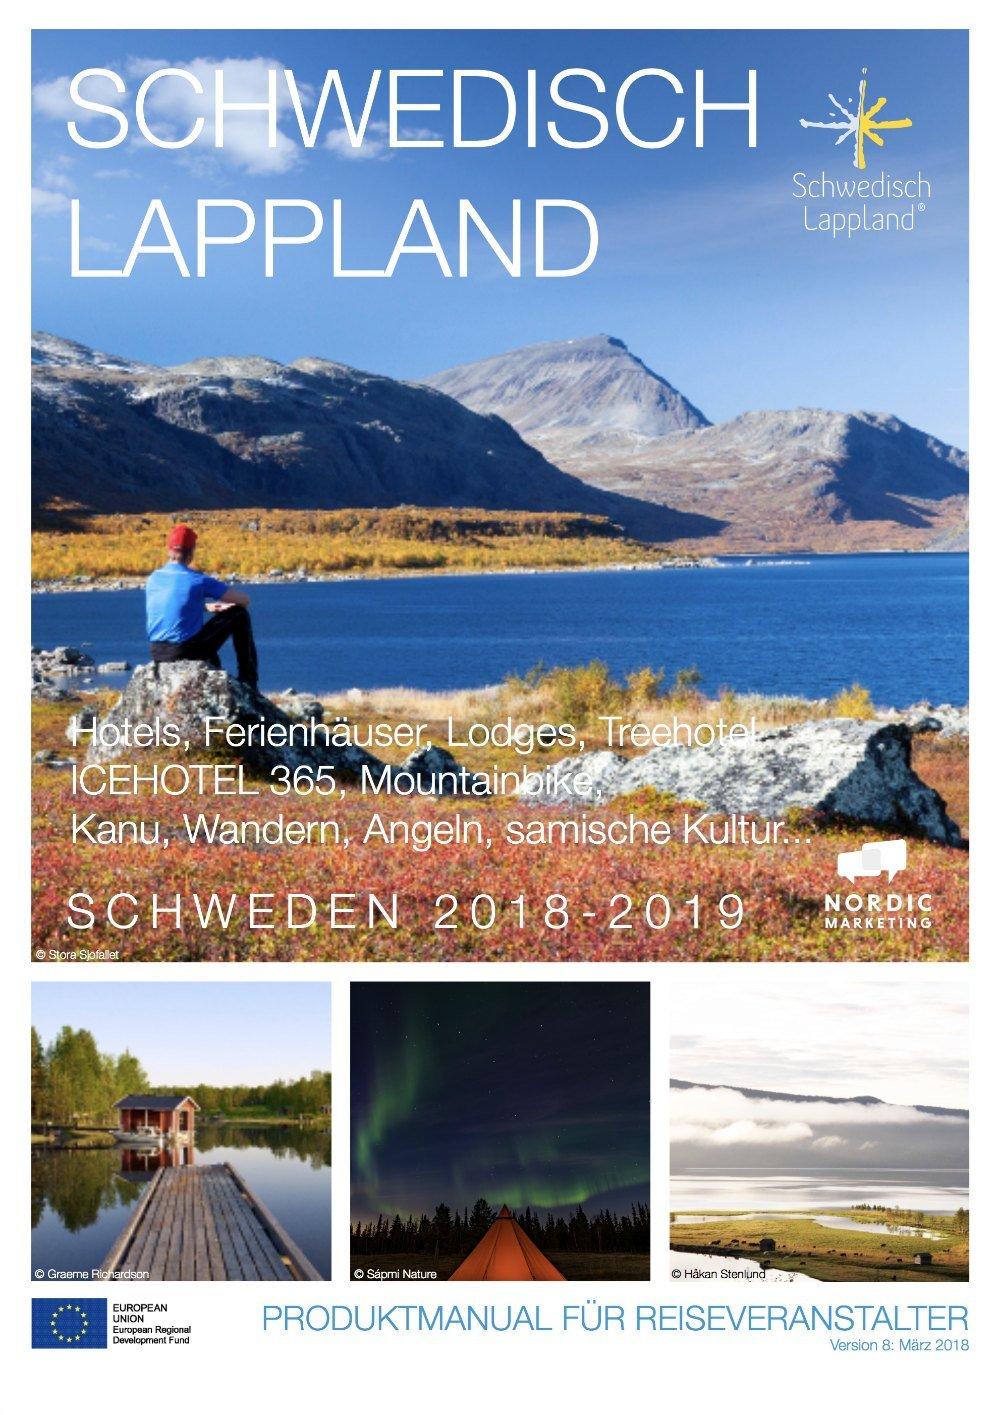 Produktmanual Schwedisch Lappland Sommer 2018-2019